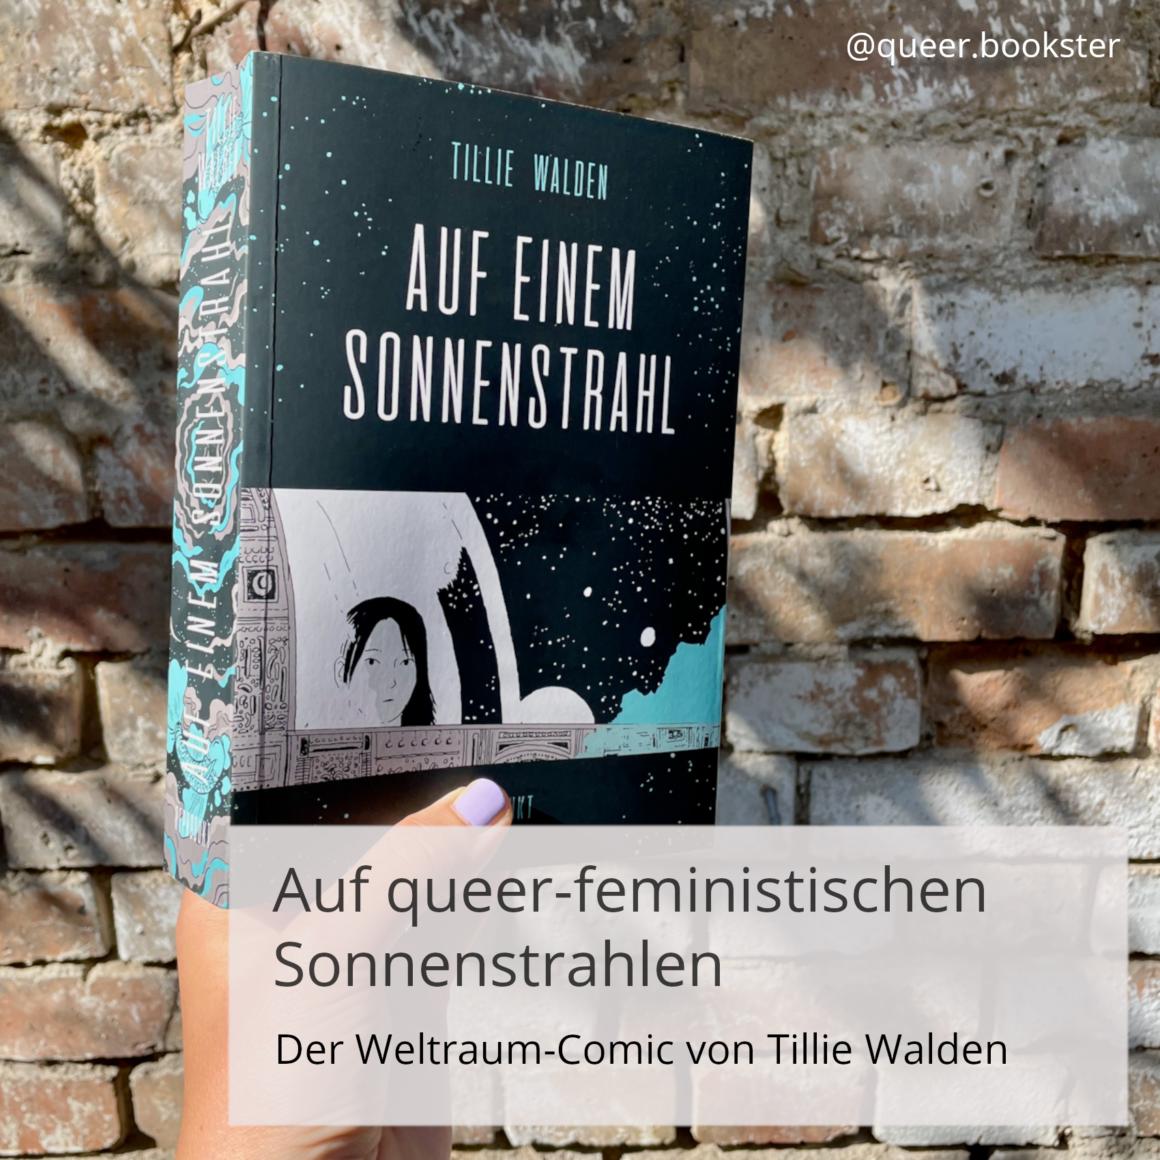 Eine Hand hält das Buch »Auf einem Sonnenstrahl« von Tillie Walden vor einer Steinwand. Davor steht die Überschrift: Auf queer-feministischen Sonnenstrahlen. Der Weltraum-Comic von Tillie Walden.